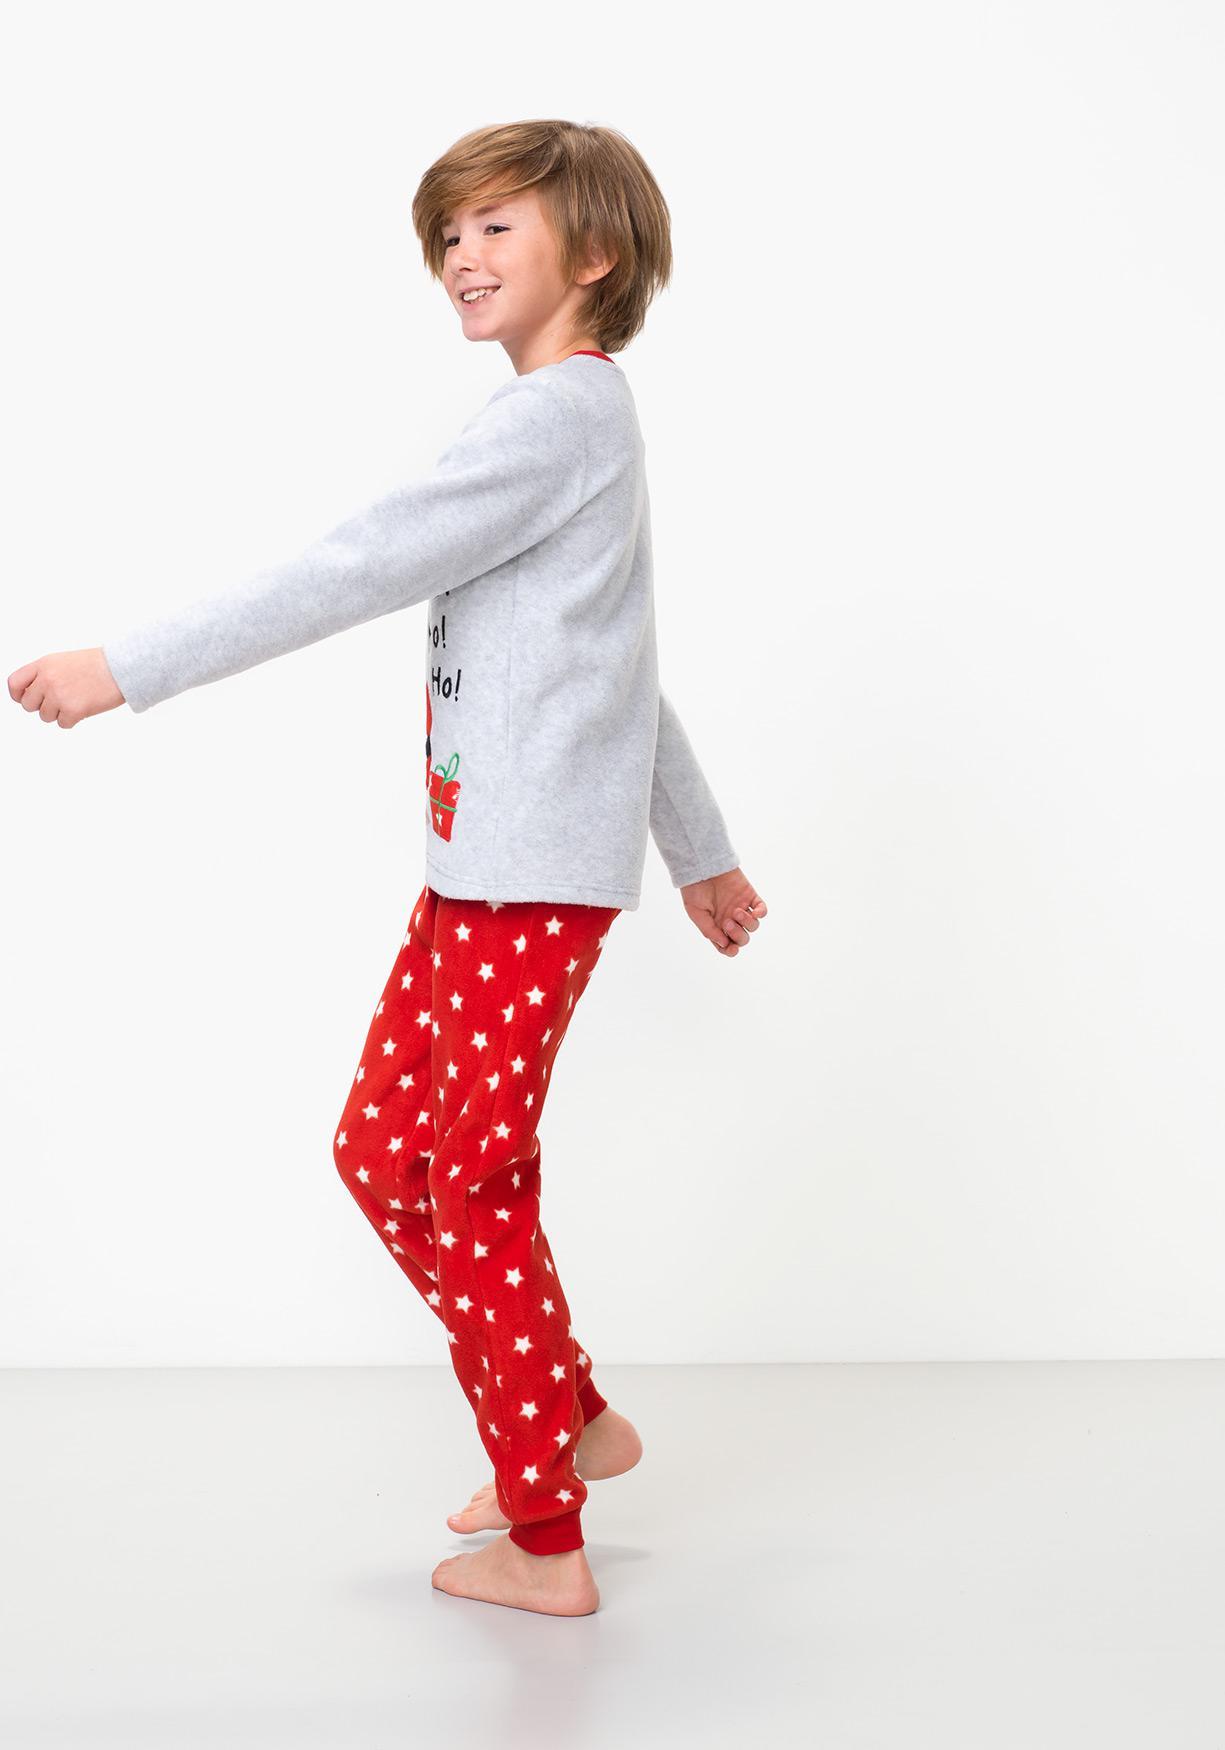 Comprar Pijama polar de Papá Noel TEX. ¡Aprovéchate de nuestros ... 143e5e18e770